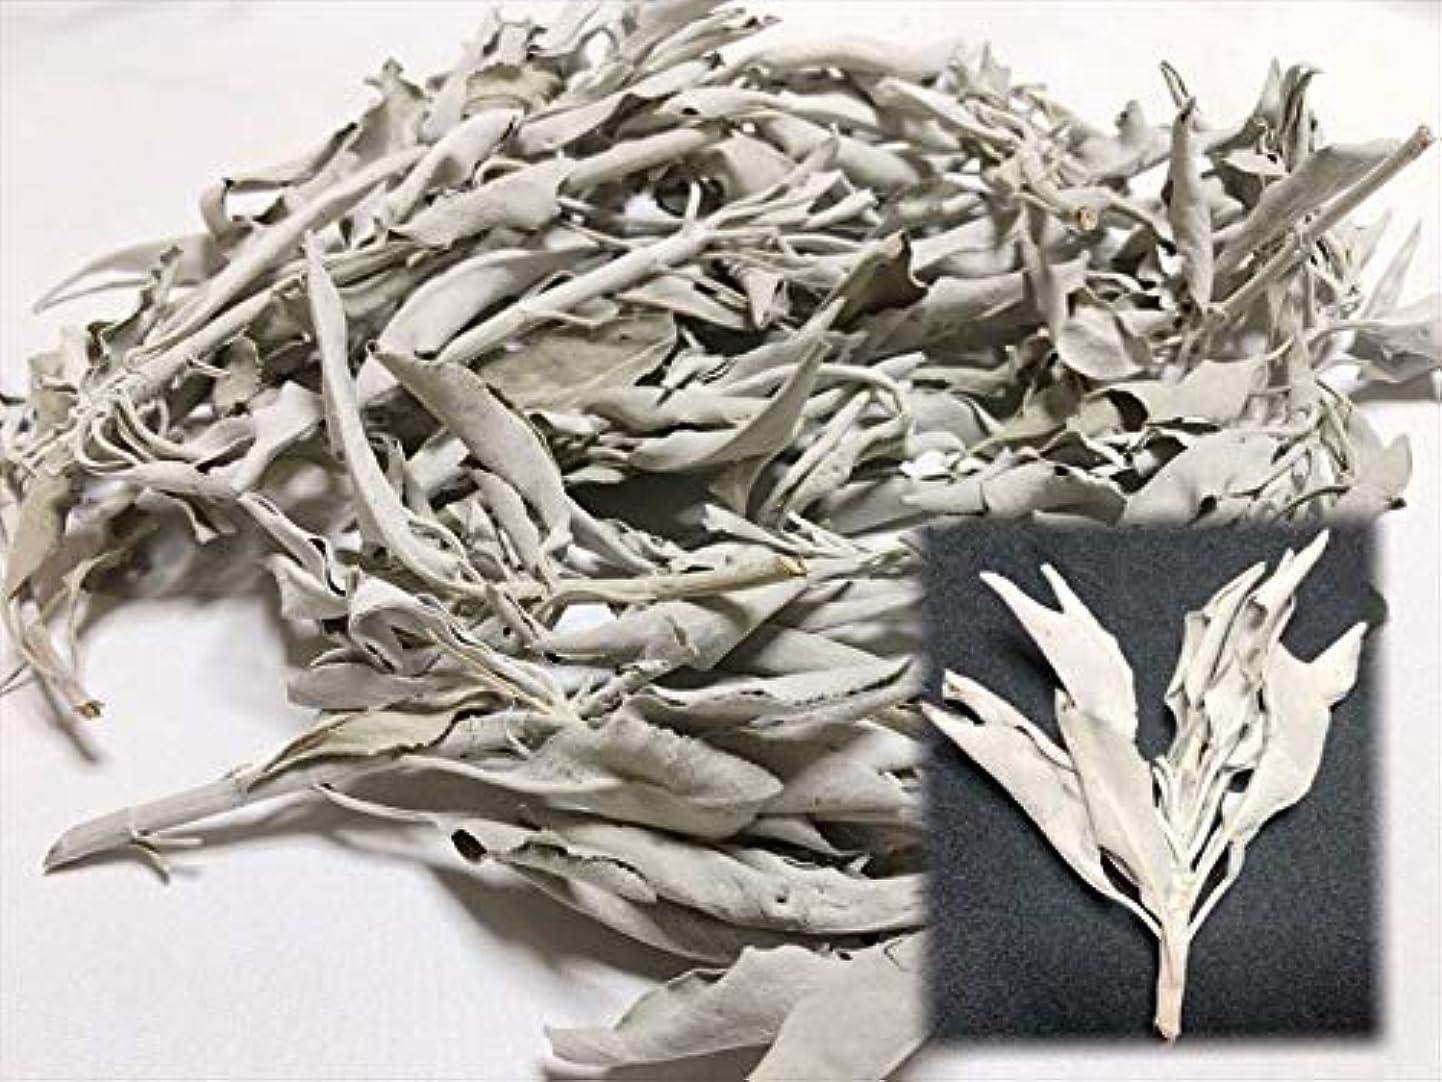 過去恐怖作成者ホワイトセージ 30g 有機栽培 浄化 枝付き 完全密封 乾燥剤入り カリフォルニア産 お香 スピリチュア